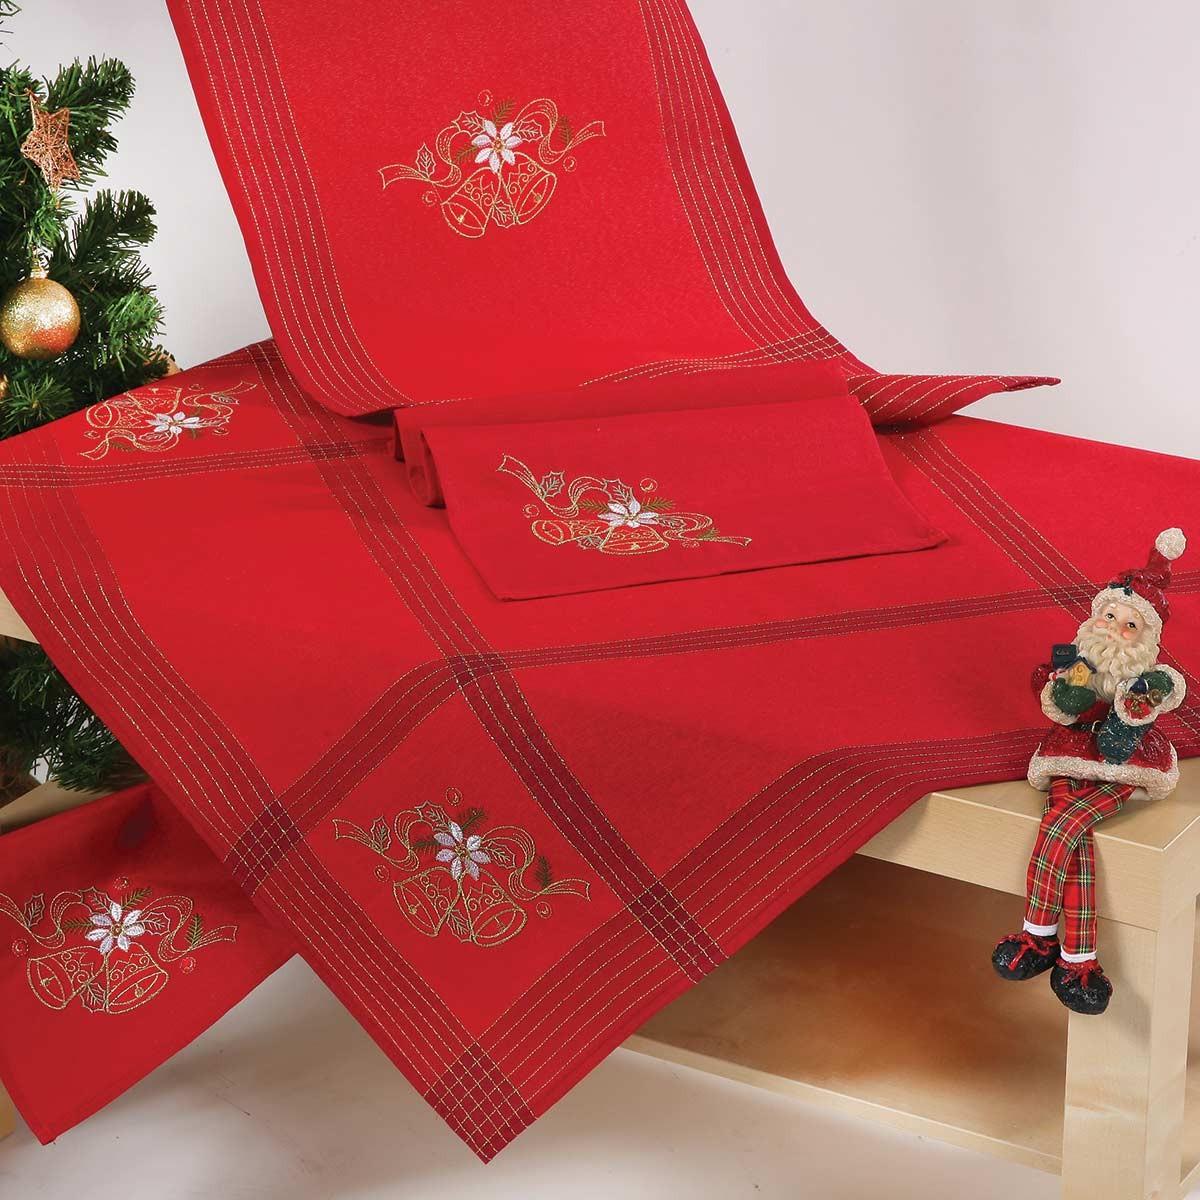 Χριστουγεννιάτικο Τραπεζομάντηλο (140×180) Viopros 3170